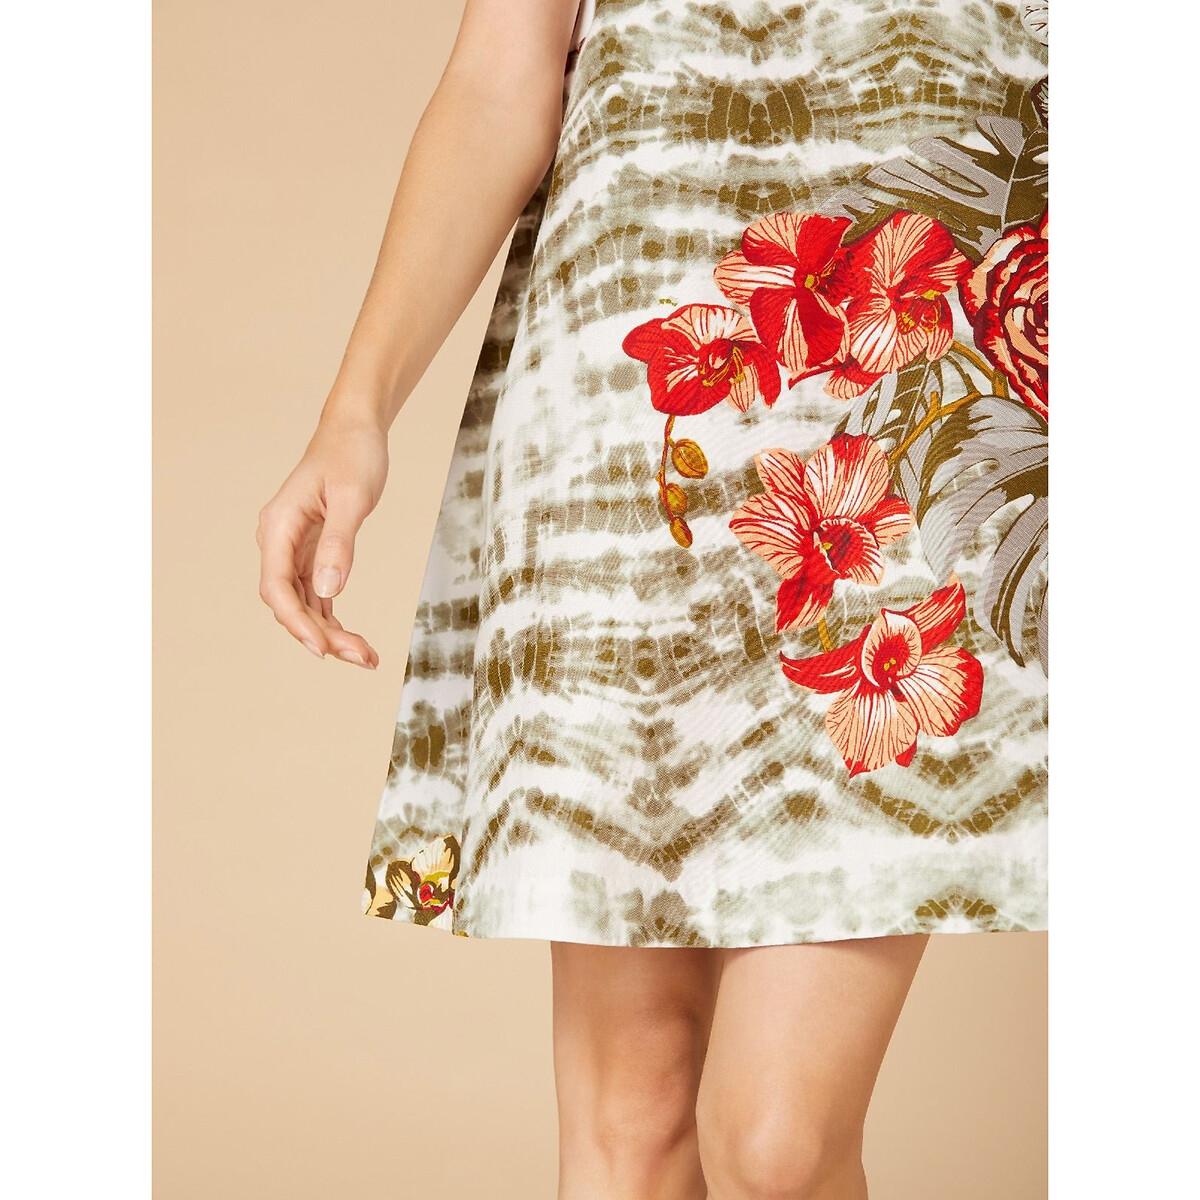 Платье La Redoute Прямое с цветочным рисунком и круглым вырезом без рукавов M зеленый платье прямое средней длины однотонное без рукавов